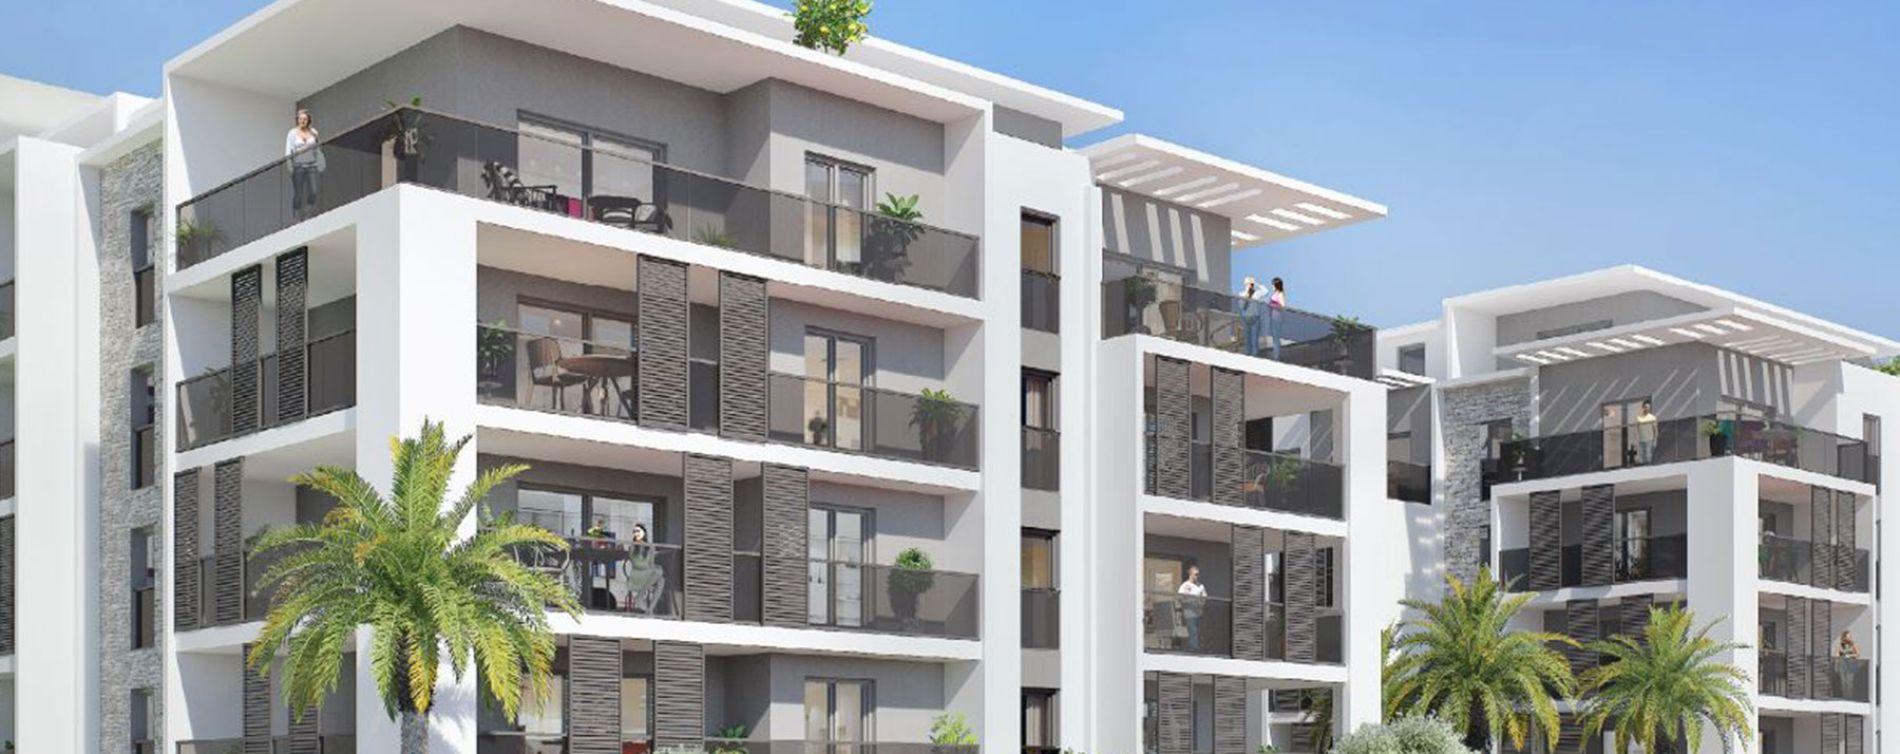 Le Cannet : programme immobilier neuve « Carré Mosaïque »